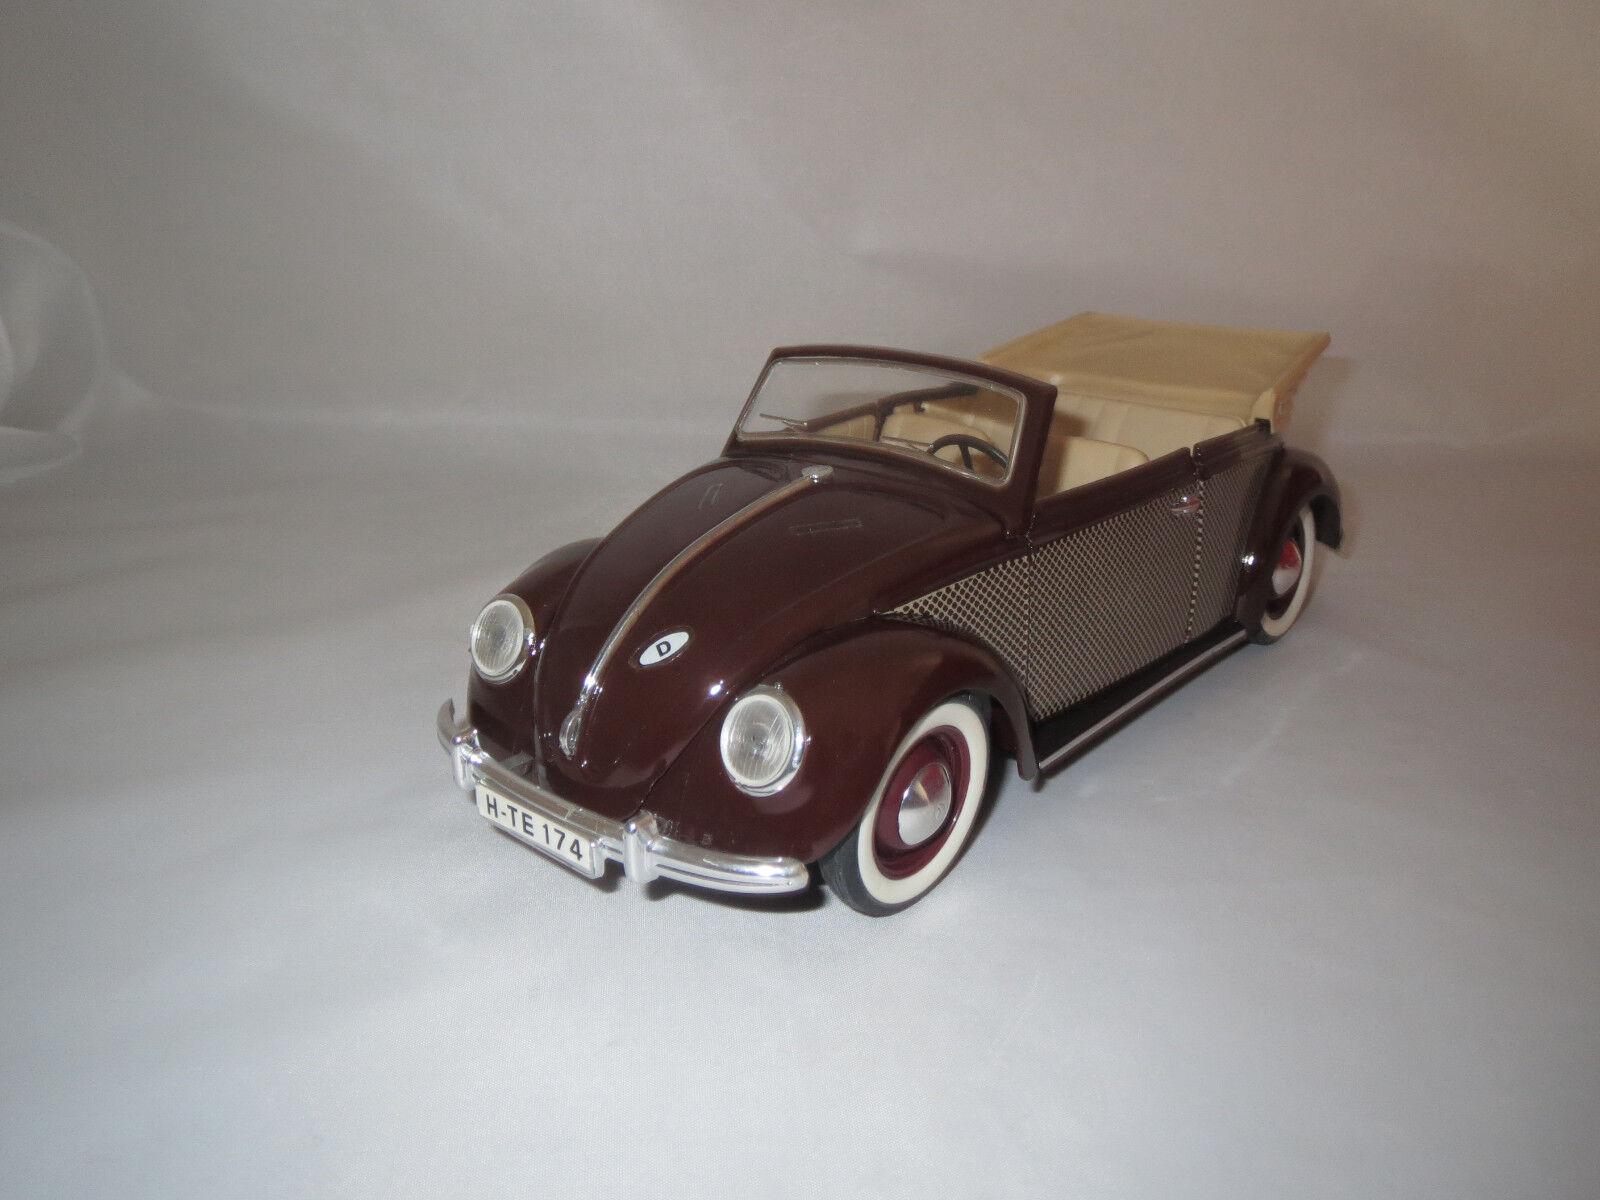 Solido volkswagen coccinelle cabriolet  brun  1 17 sans emballage